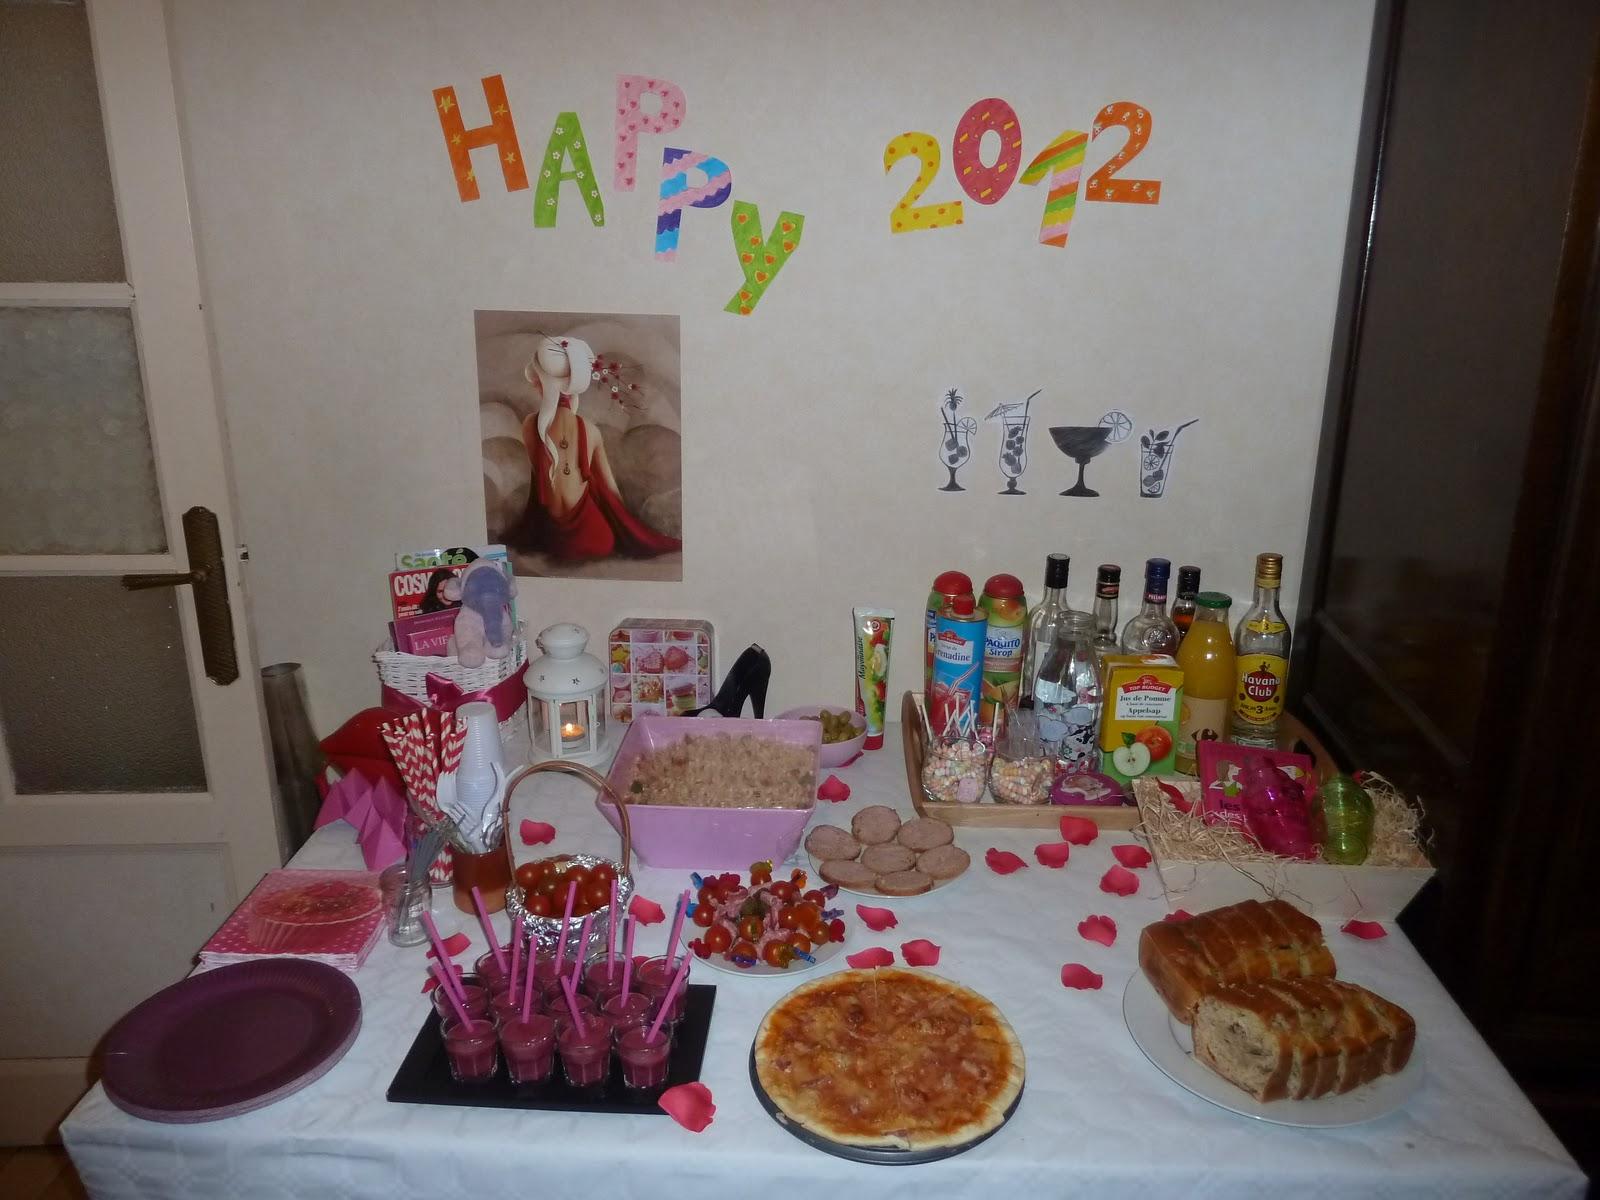 L 39 heure d 39 t organiser une soir e filles - Organiser une soiree romantique ...